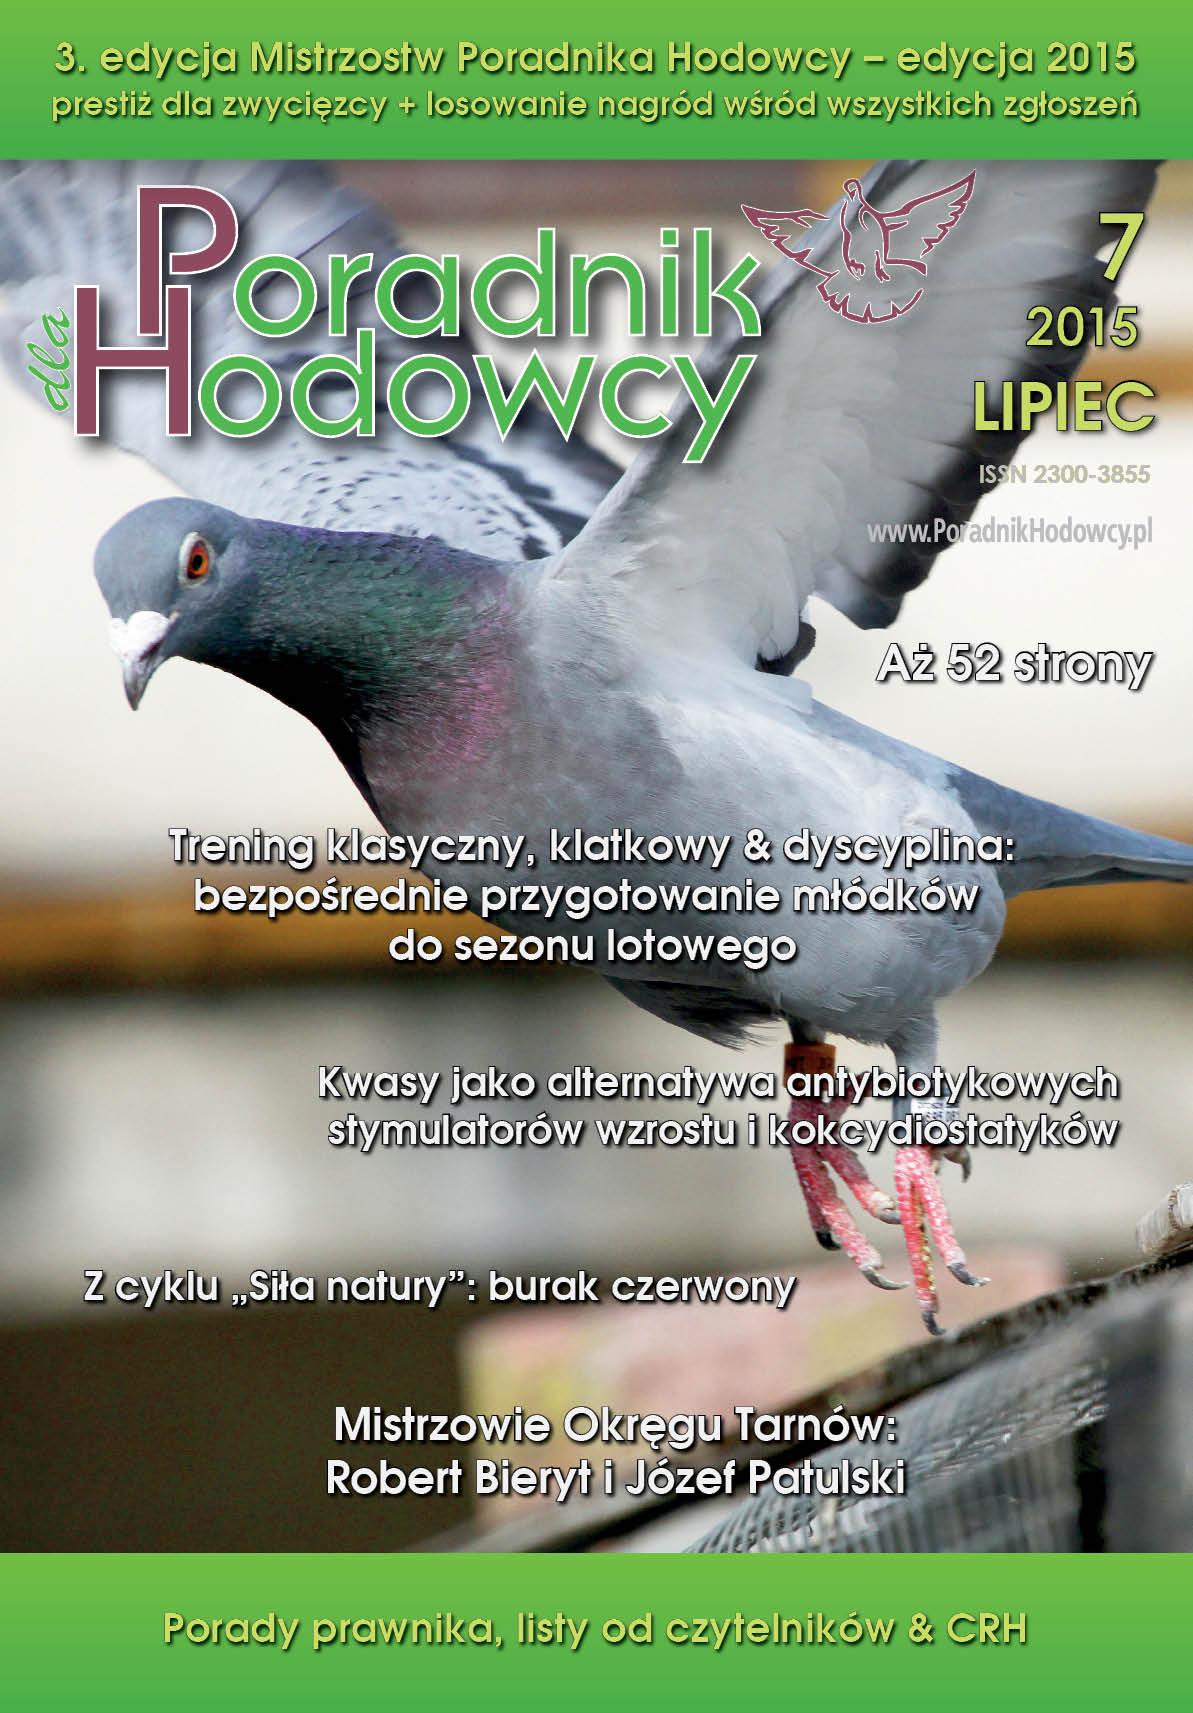 Okładka Poradnika Hodowcy numer lipiec 2015